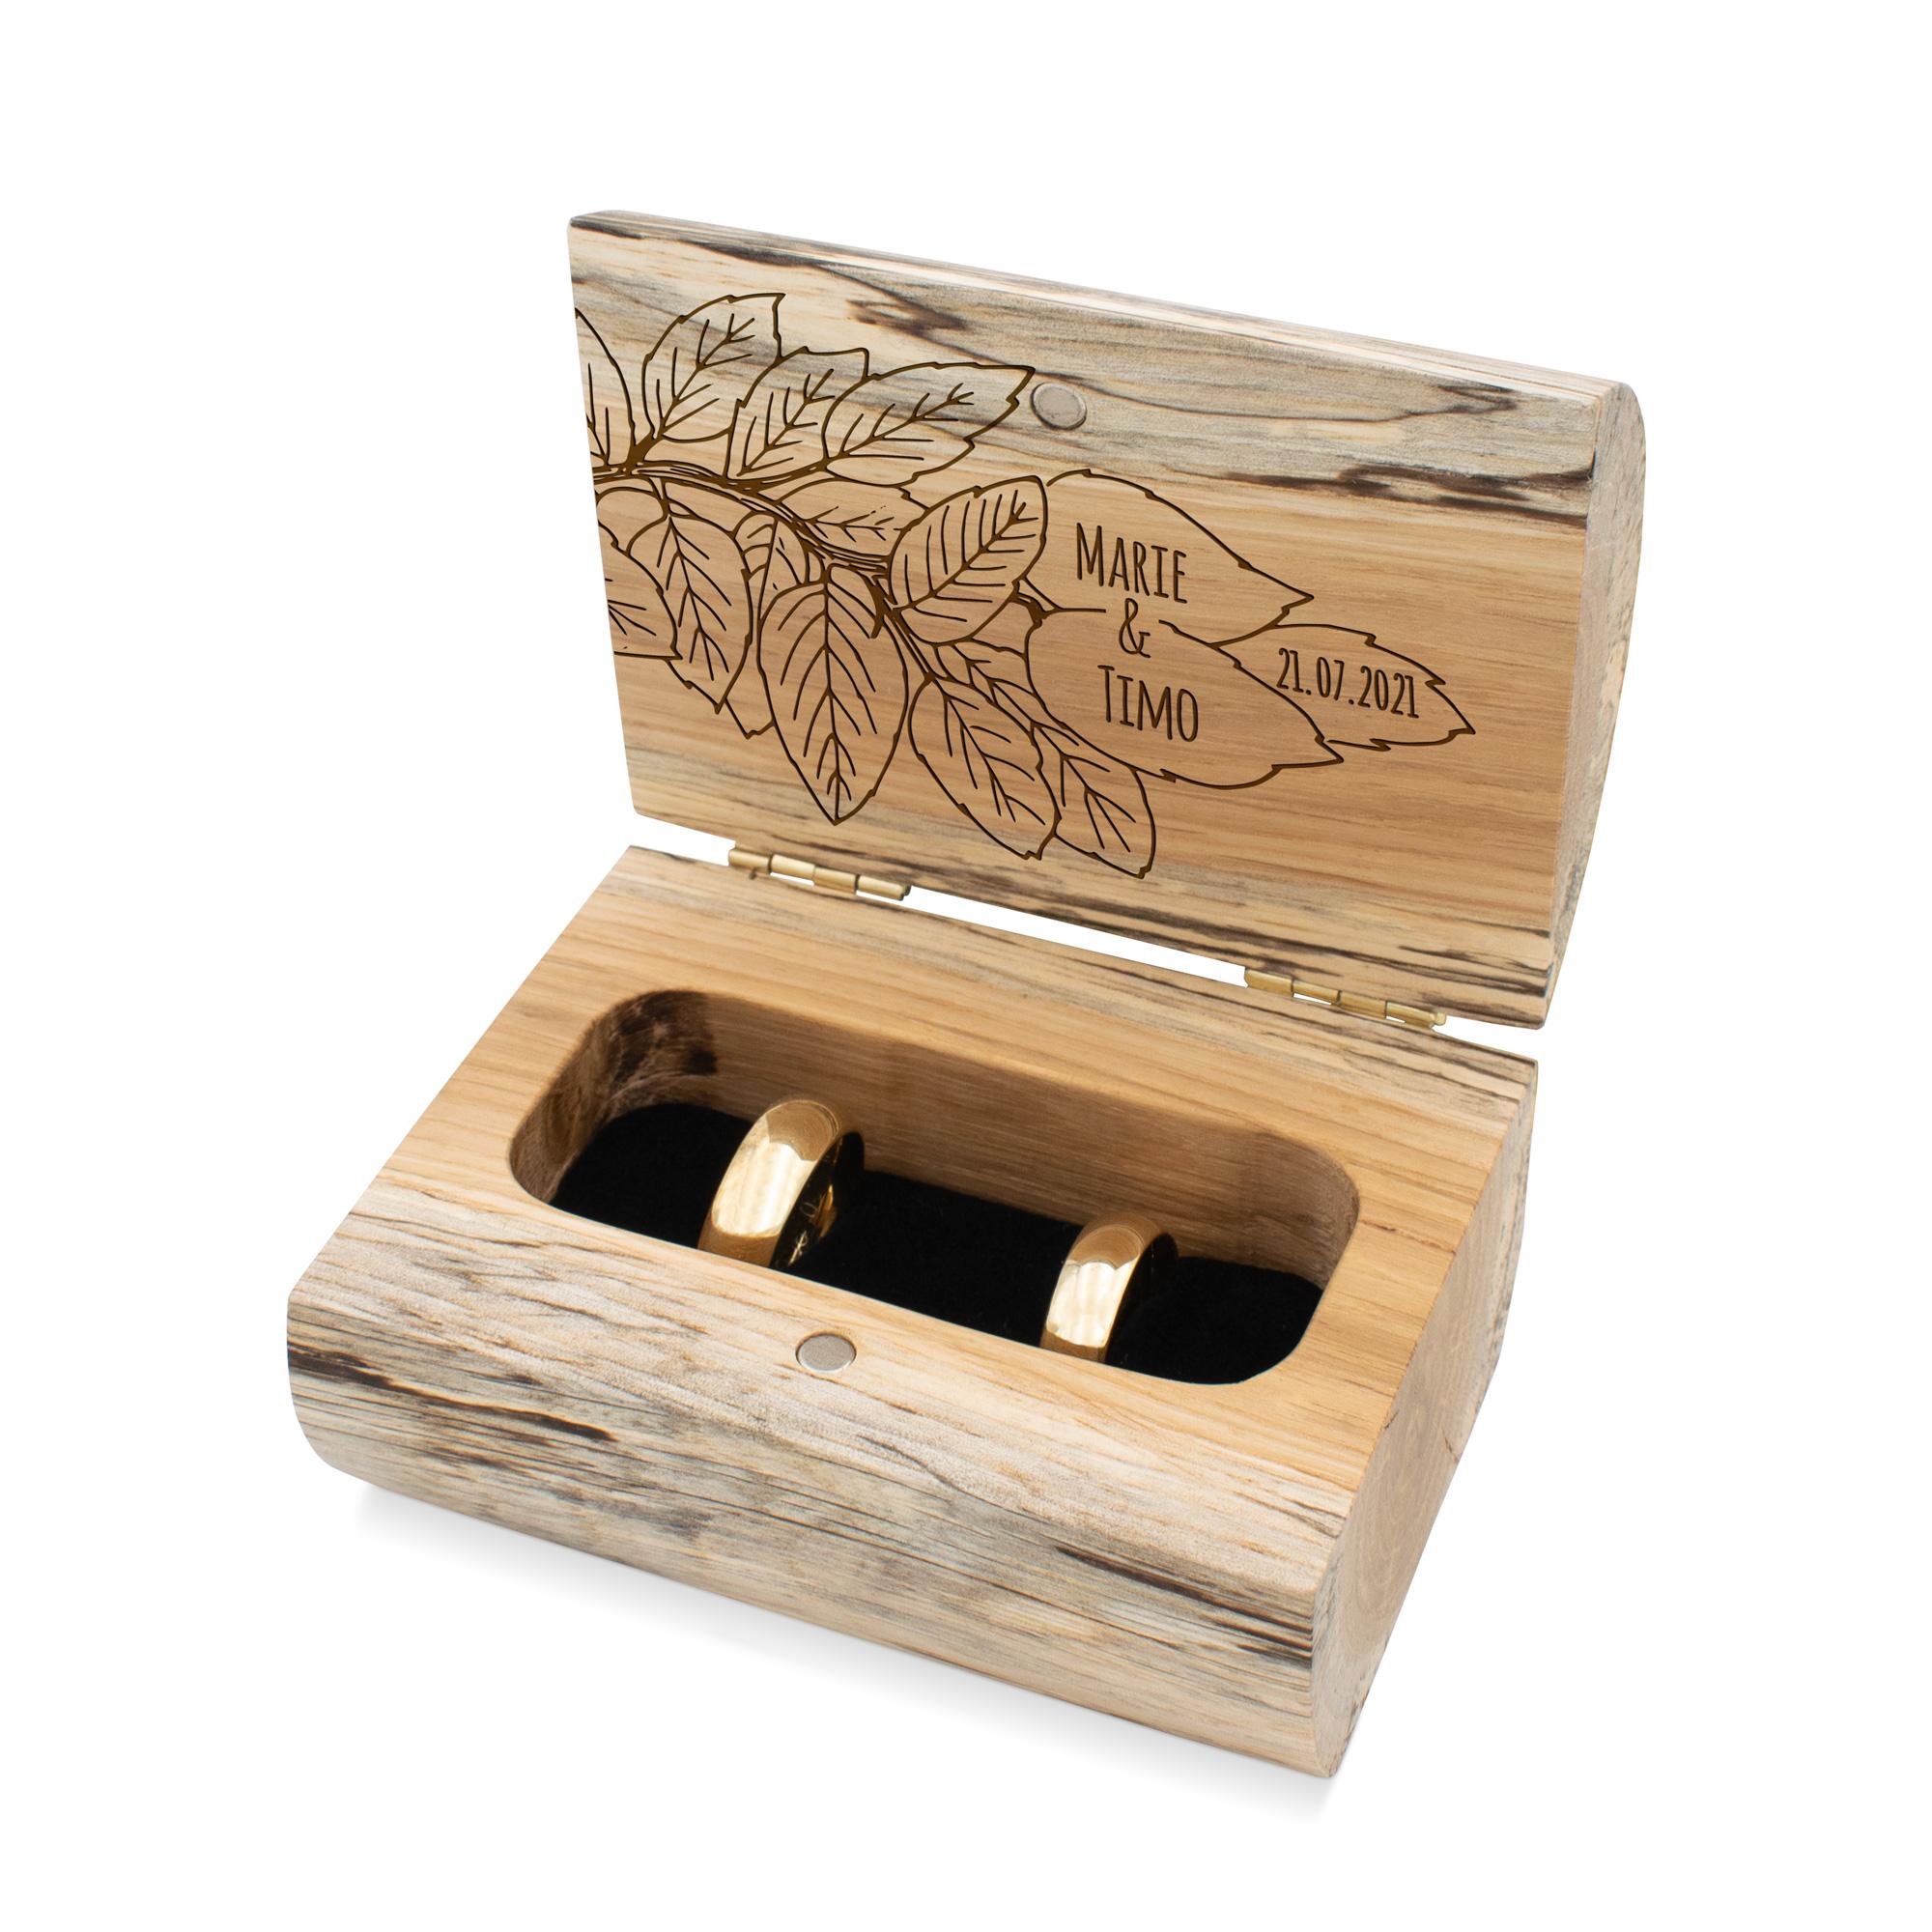 Schöne geöffnete Ringschatulle aus wildem Eiche-Holz mit personalisiertem Blättermotiv als Innengravur im natürlichen Design